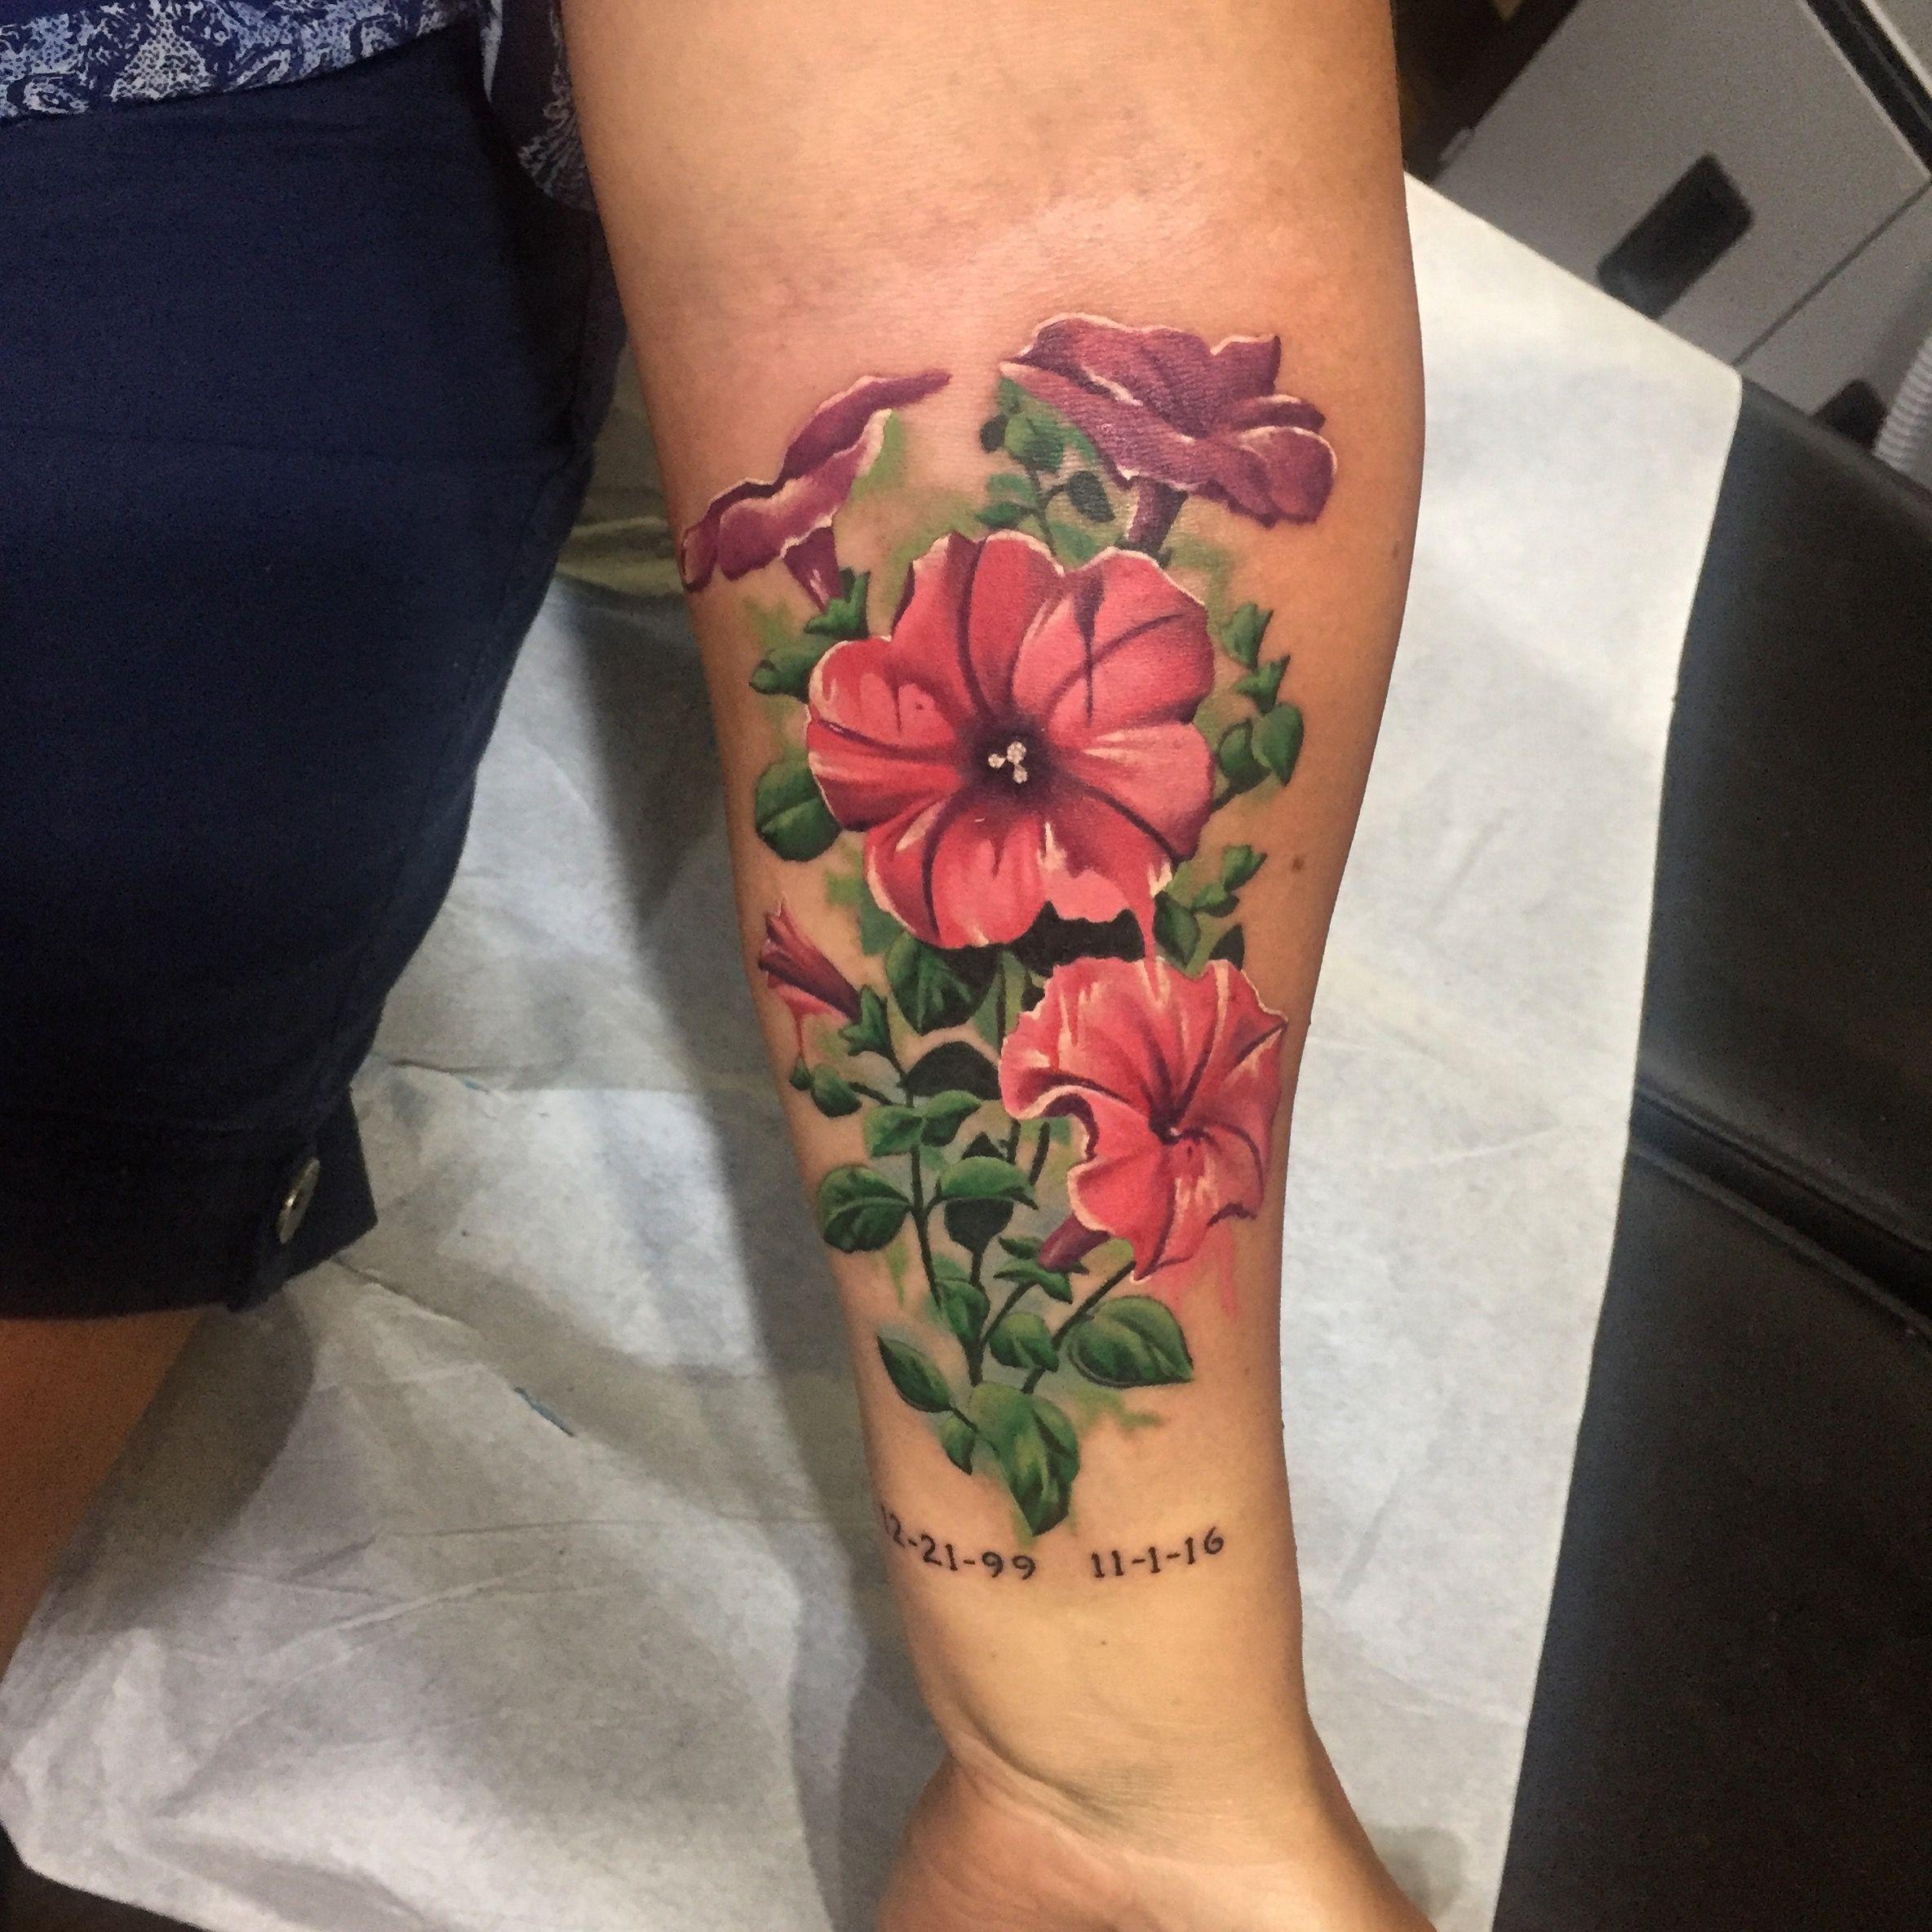 Petunia Tattoo Petunia Tattoo Tattoos Wrist Tattoos For Women